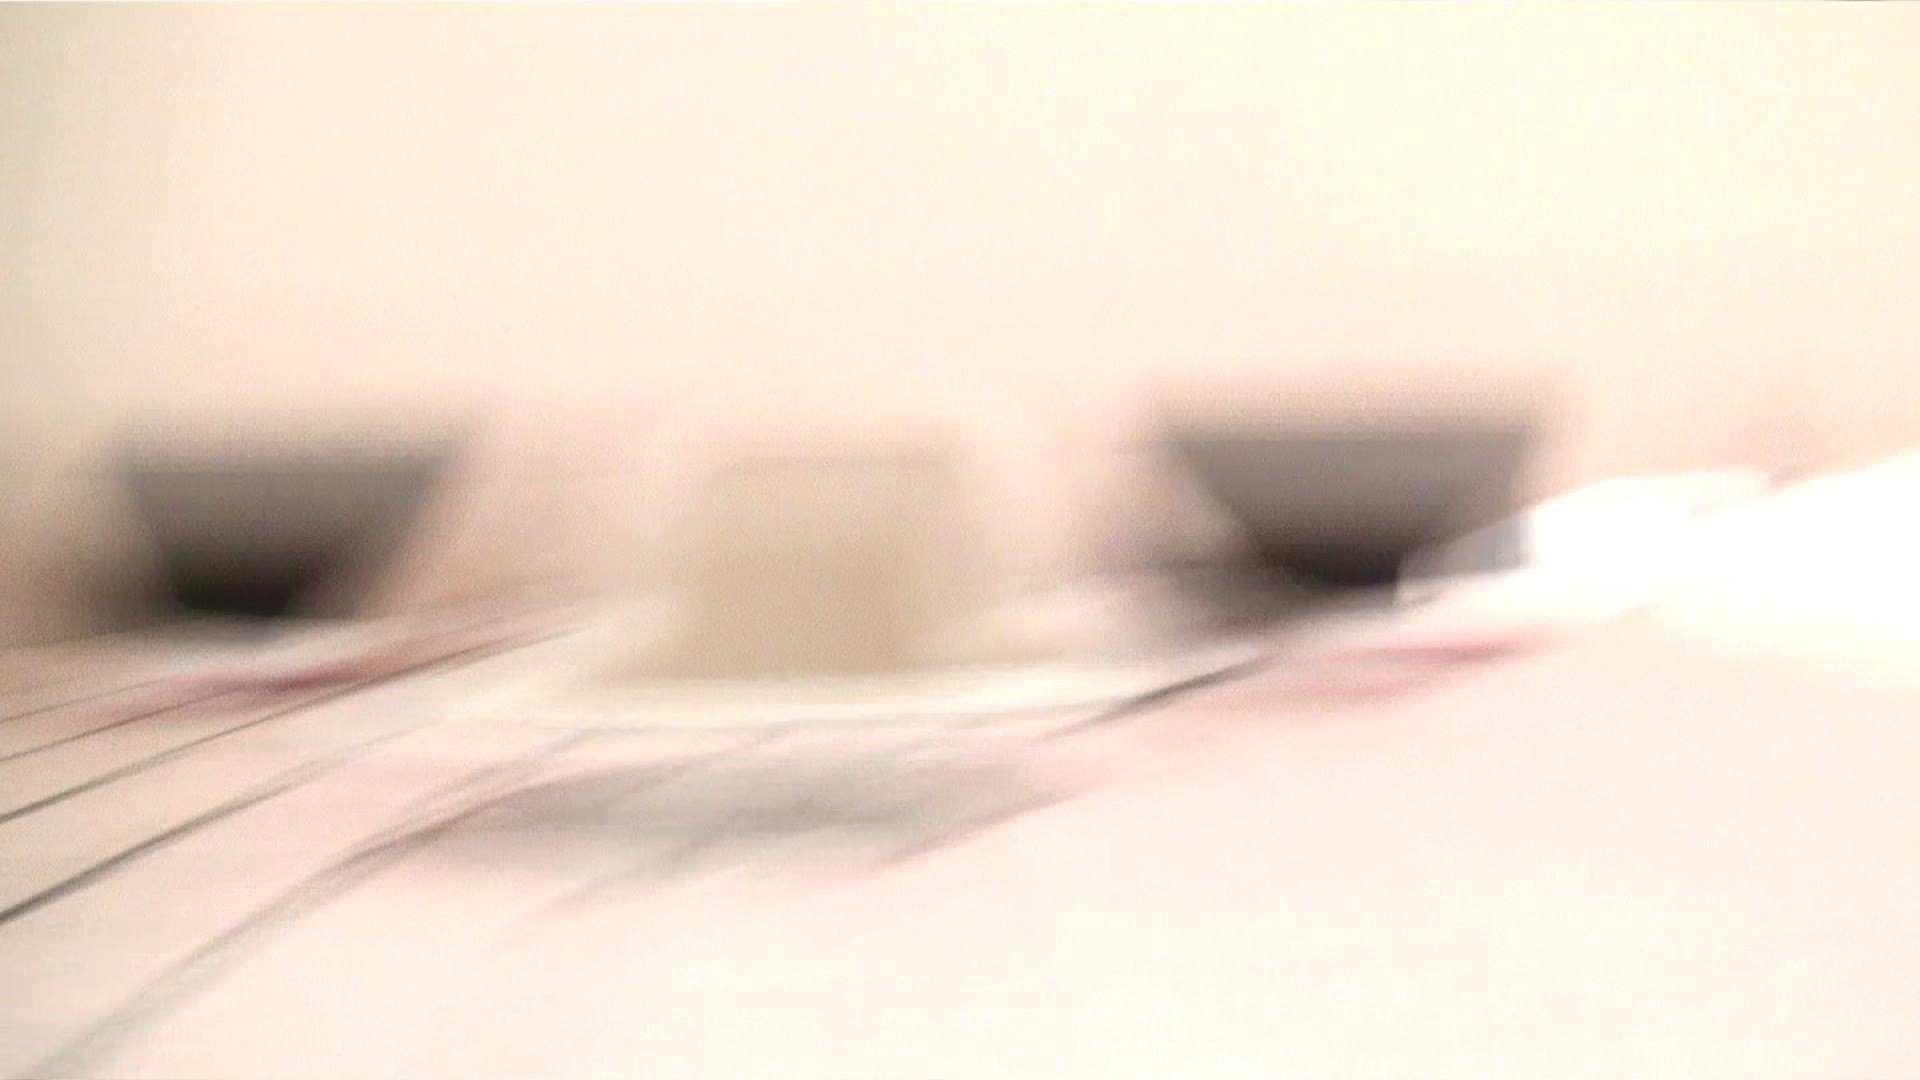 ※100個限定販売 至高下半身盗撮 プレミアム Vol.36 ハイビジョン 盗撮 | OLの実態  89pic 87